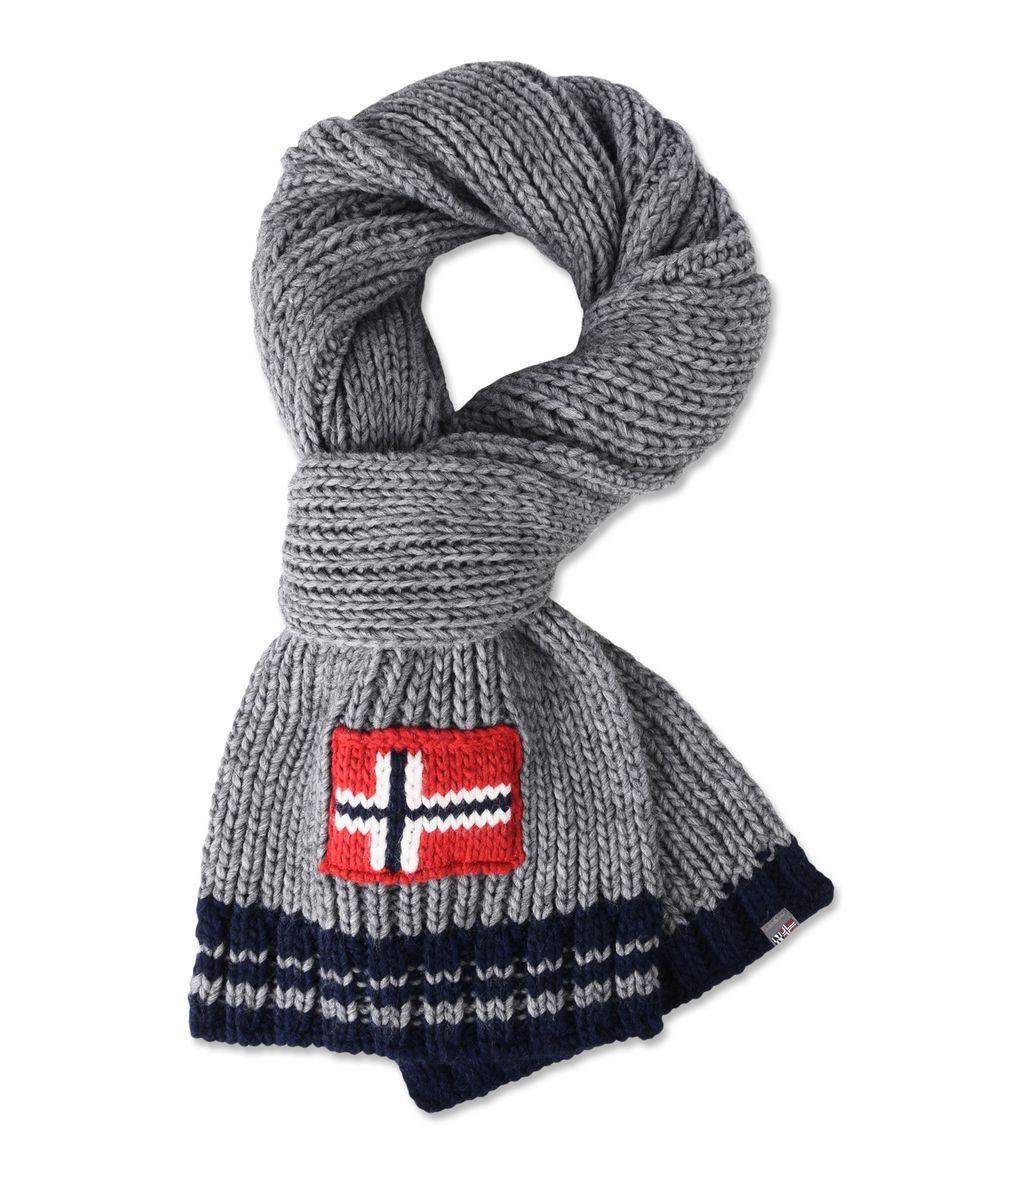 Amato Napapijri cappelli, guanti e sciarpe uomo, accessori alla moda  PP17